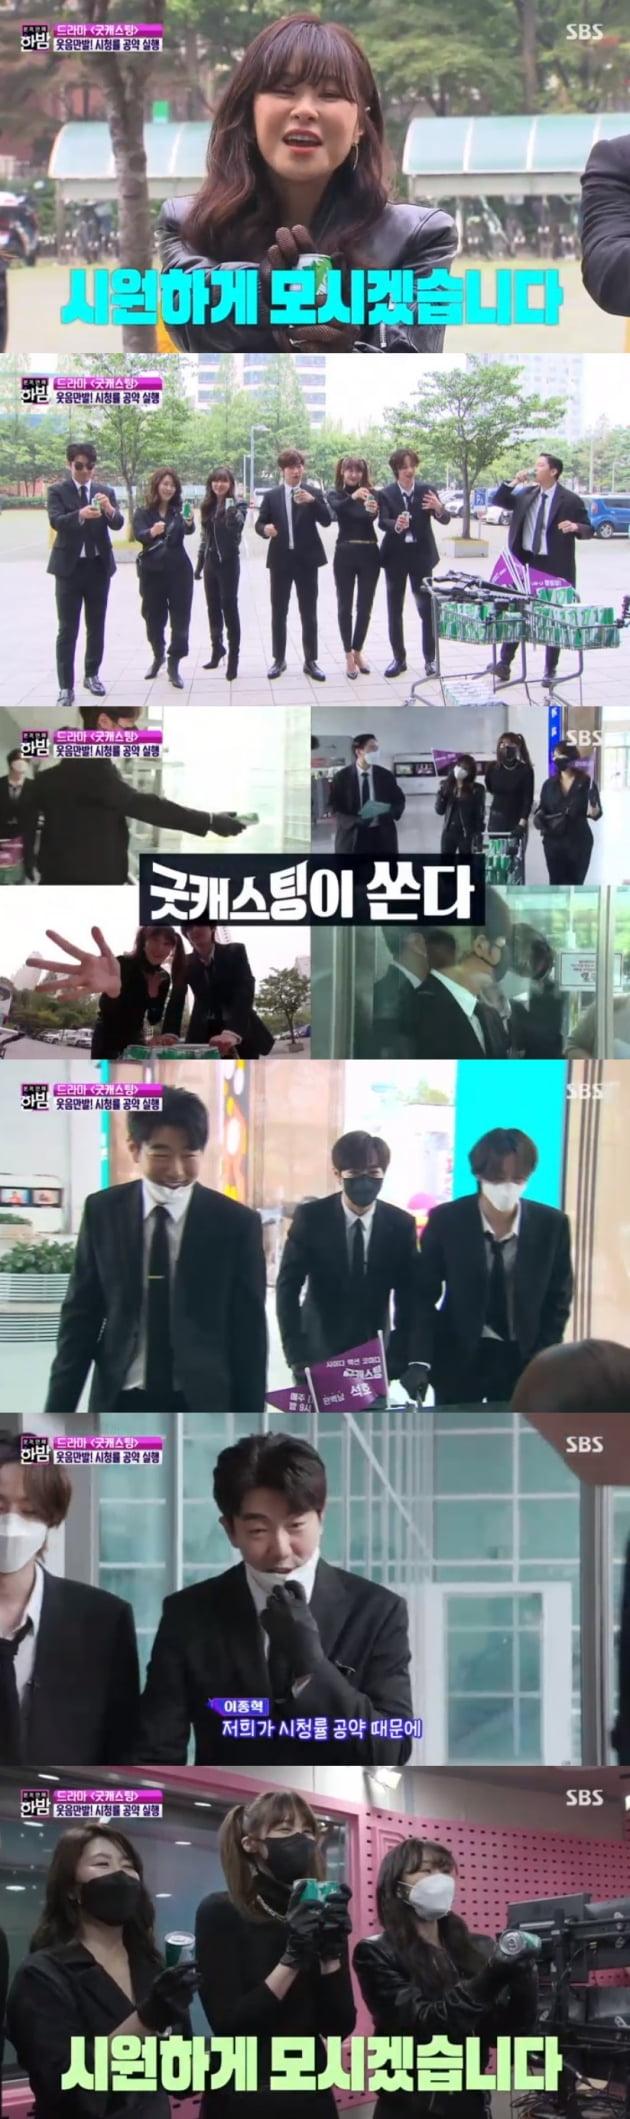 '굿캐스팅' 배우들 / 사진 = SBS 영상 캡처